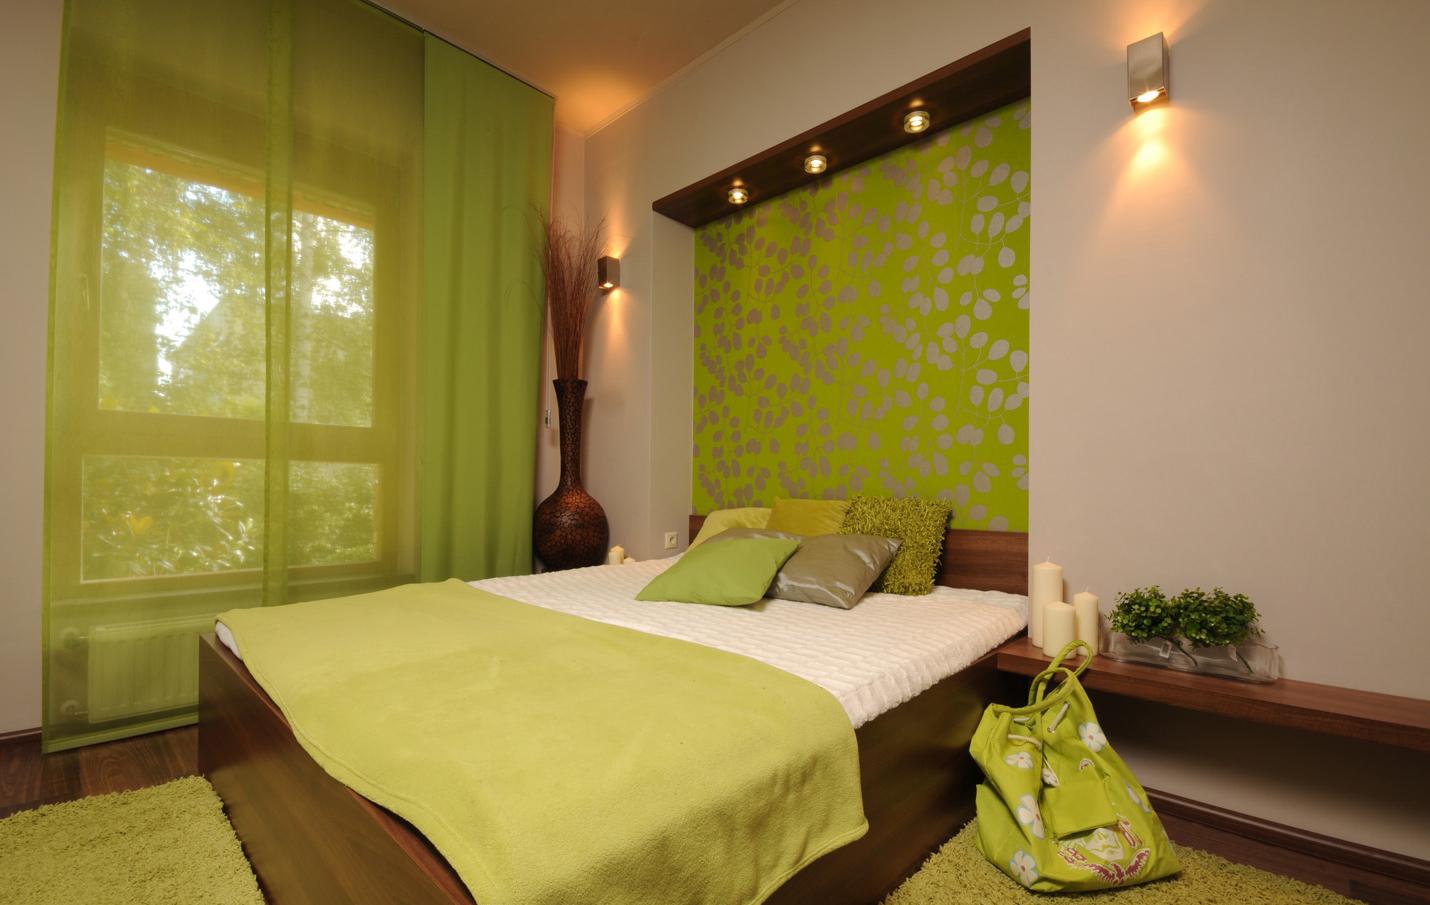 Бежевый, коричневый и зеленый цвета в спальне